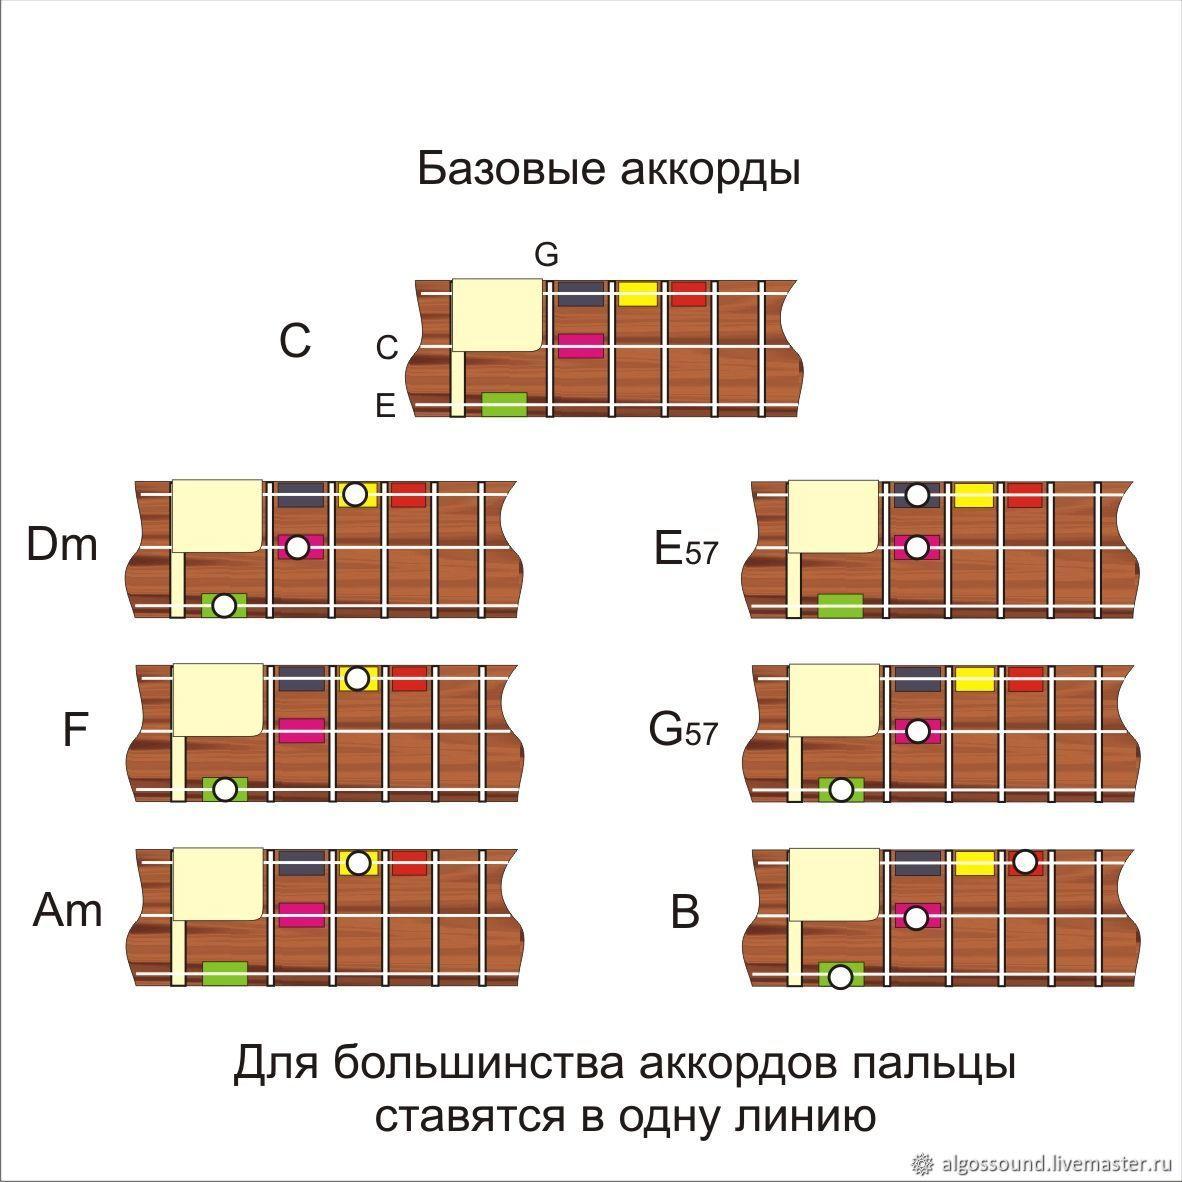 аккорды для балалайки картинки носки